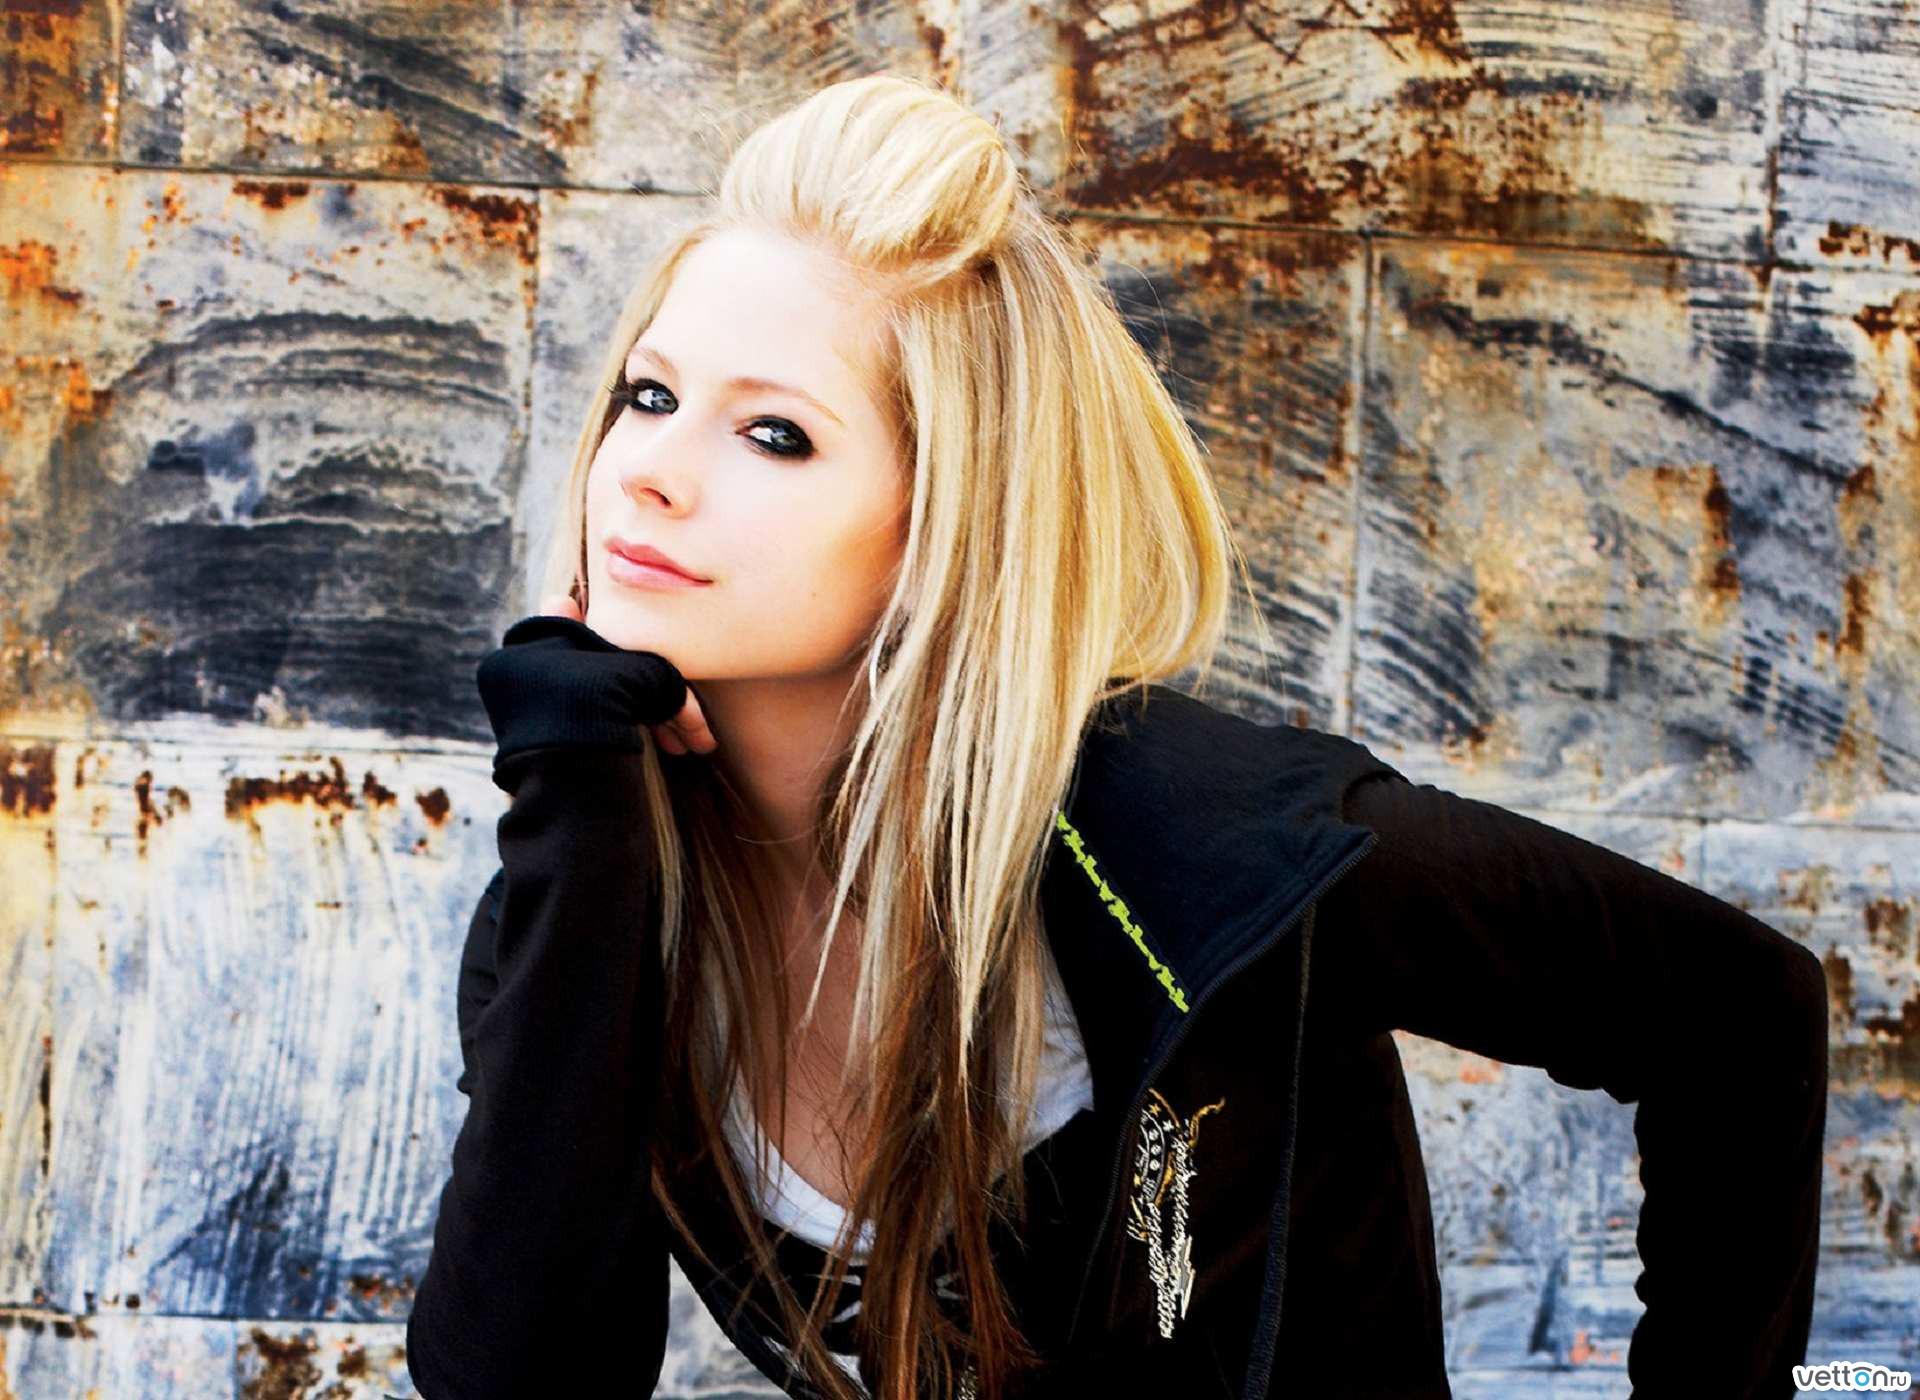 Фотографии с красивыми блондинками 19 фотография